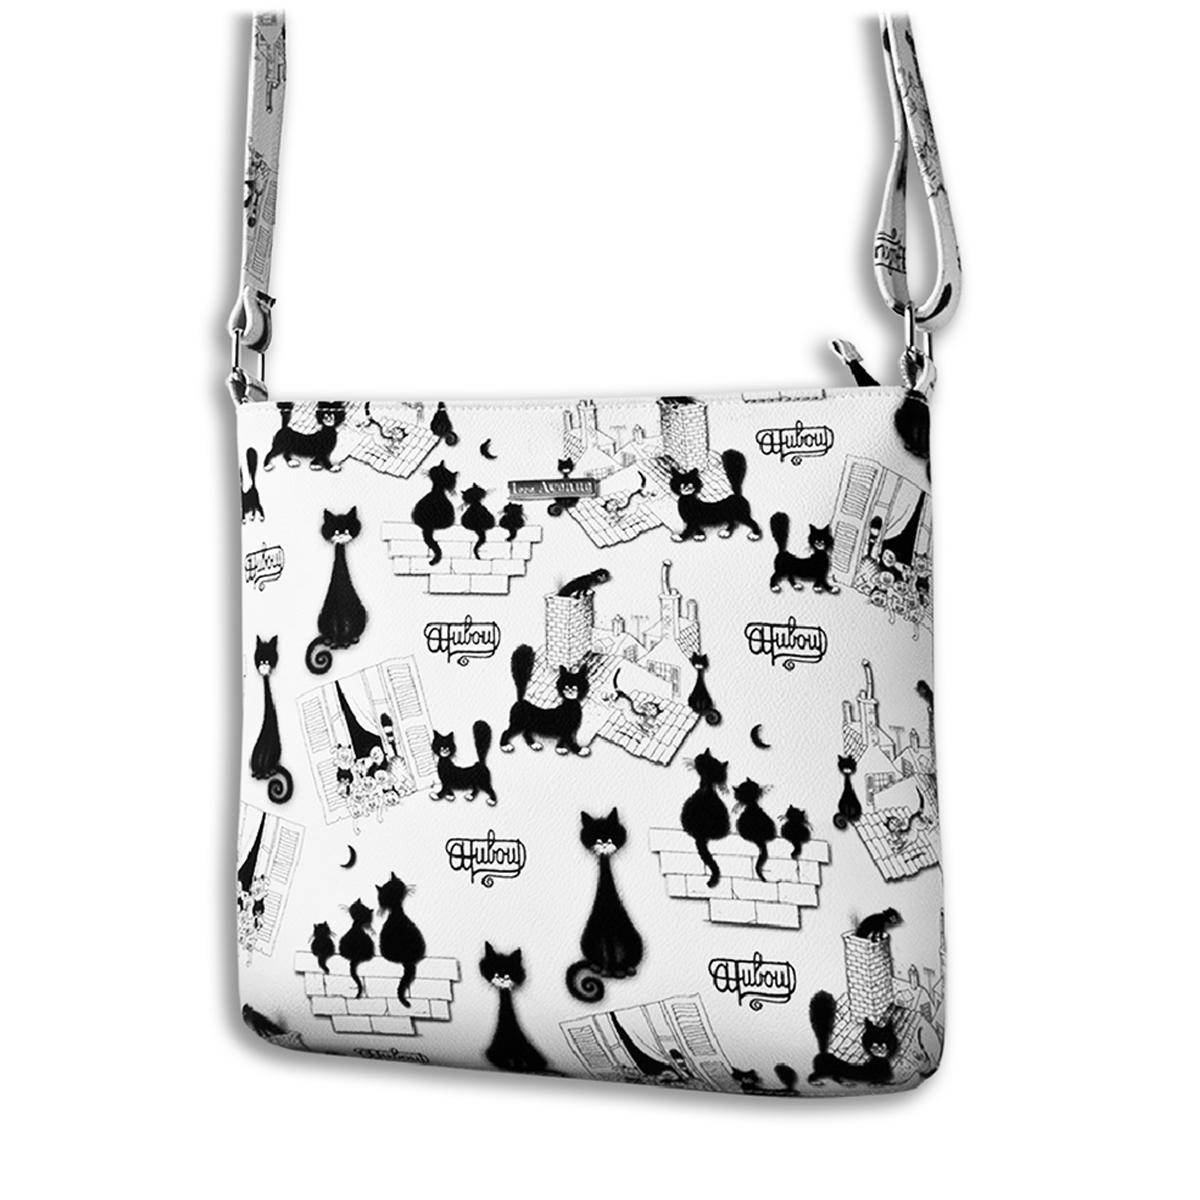 Sac bandoulière \'Chats Dubout\' blanc noir (Chat papillon) - 26x24 cm - [Q6348]